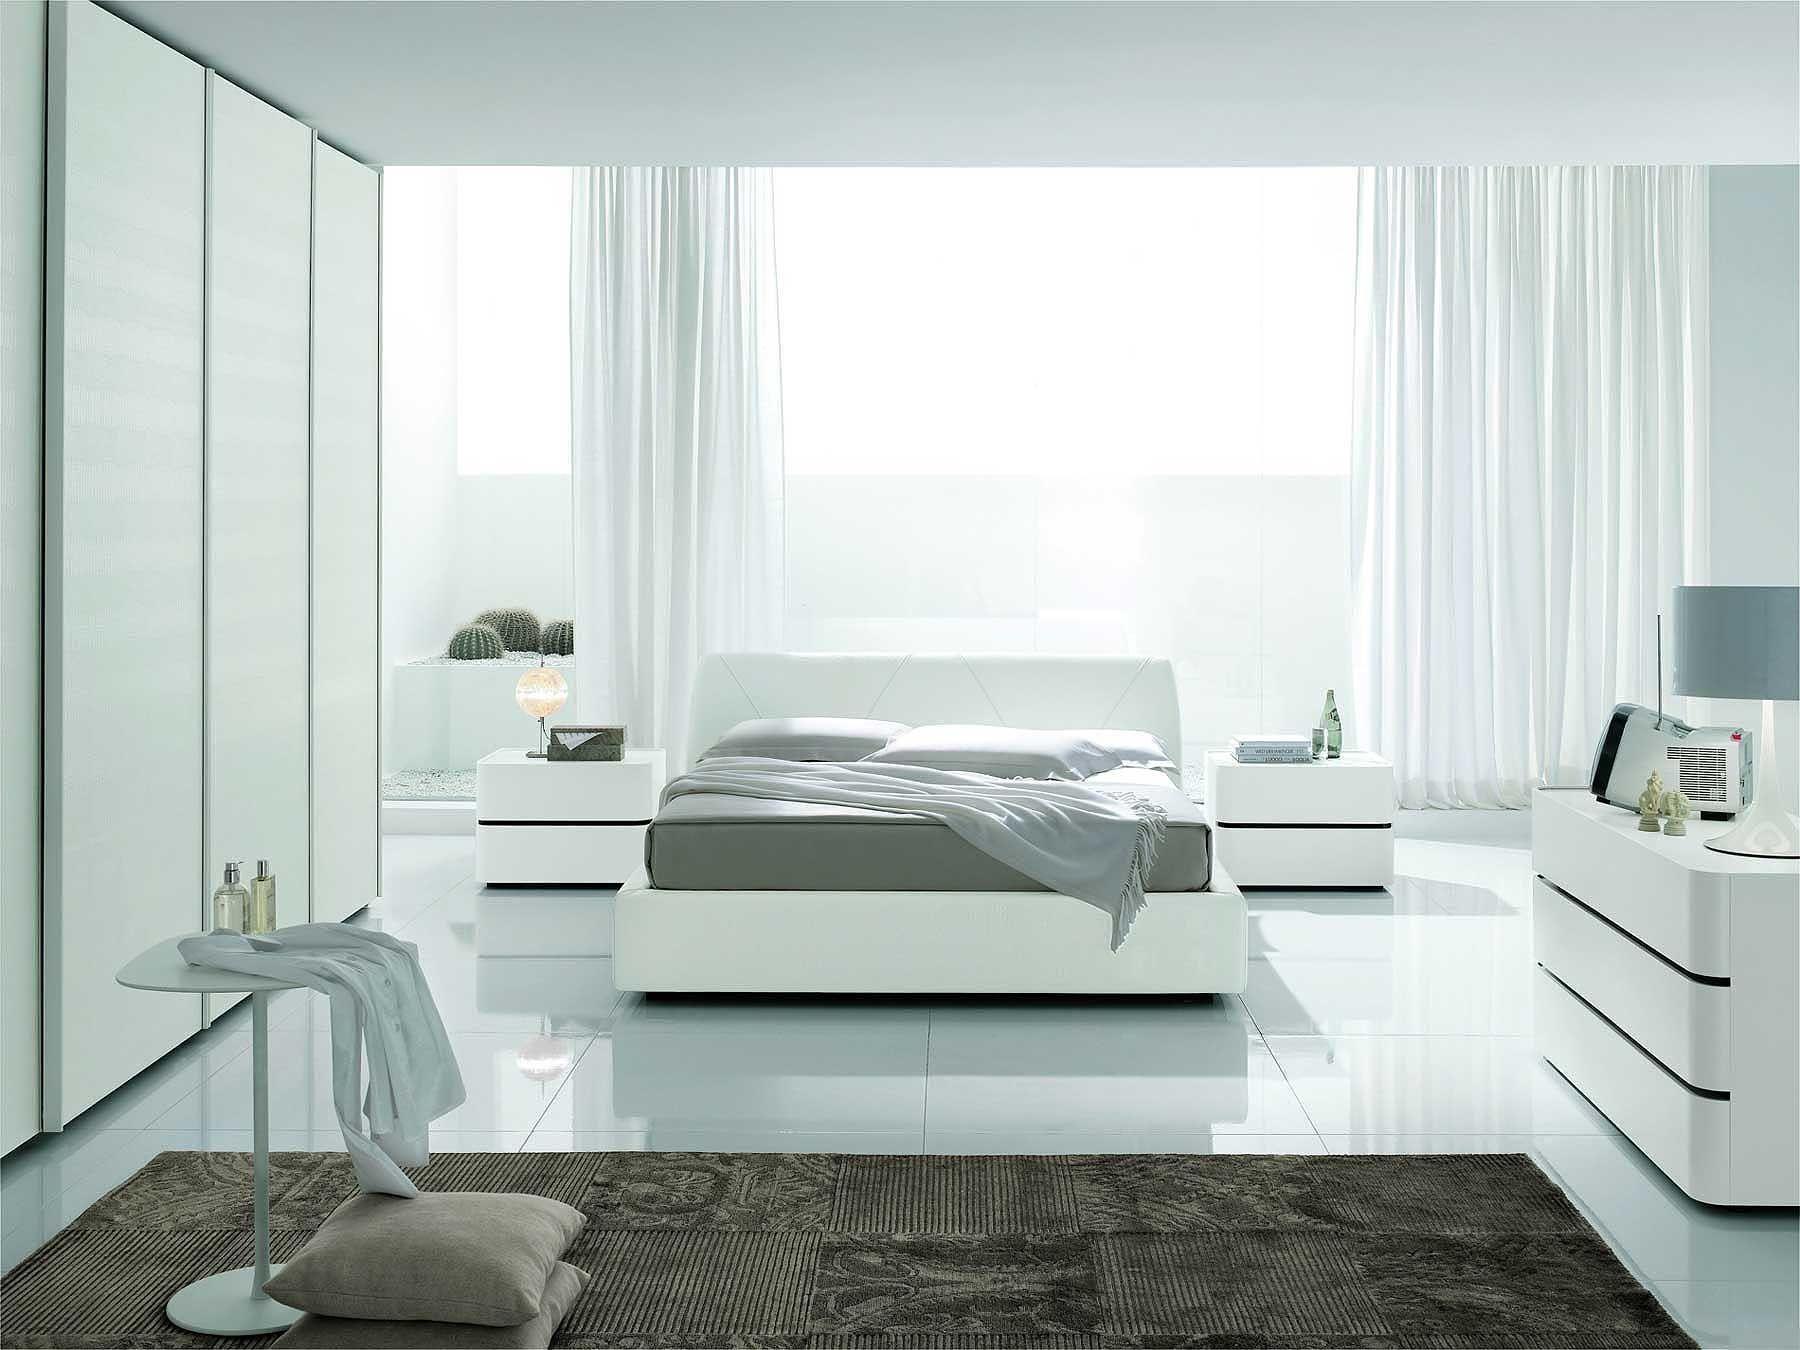 Full Size of Schlafzimmer Komplett Günstig Gnstige Luxus Set Küche Kaufen Poco Big Sofa Landhaus Chesterfield Fenster Mit überbau Xxl Vorhänge Kommode Esstisch Betten Schlafzimmer Schlafzimmer Komplett Günstig